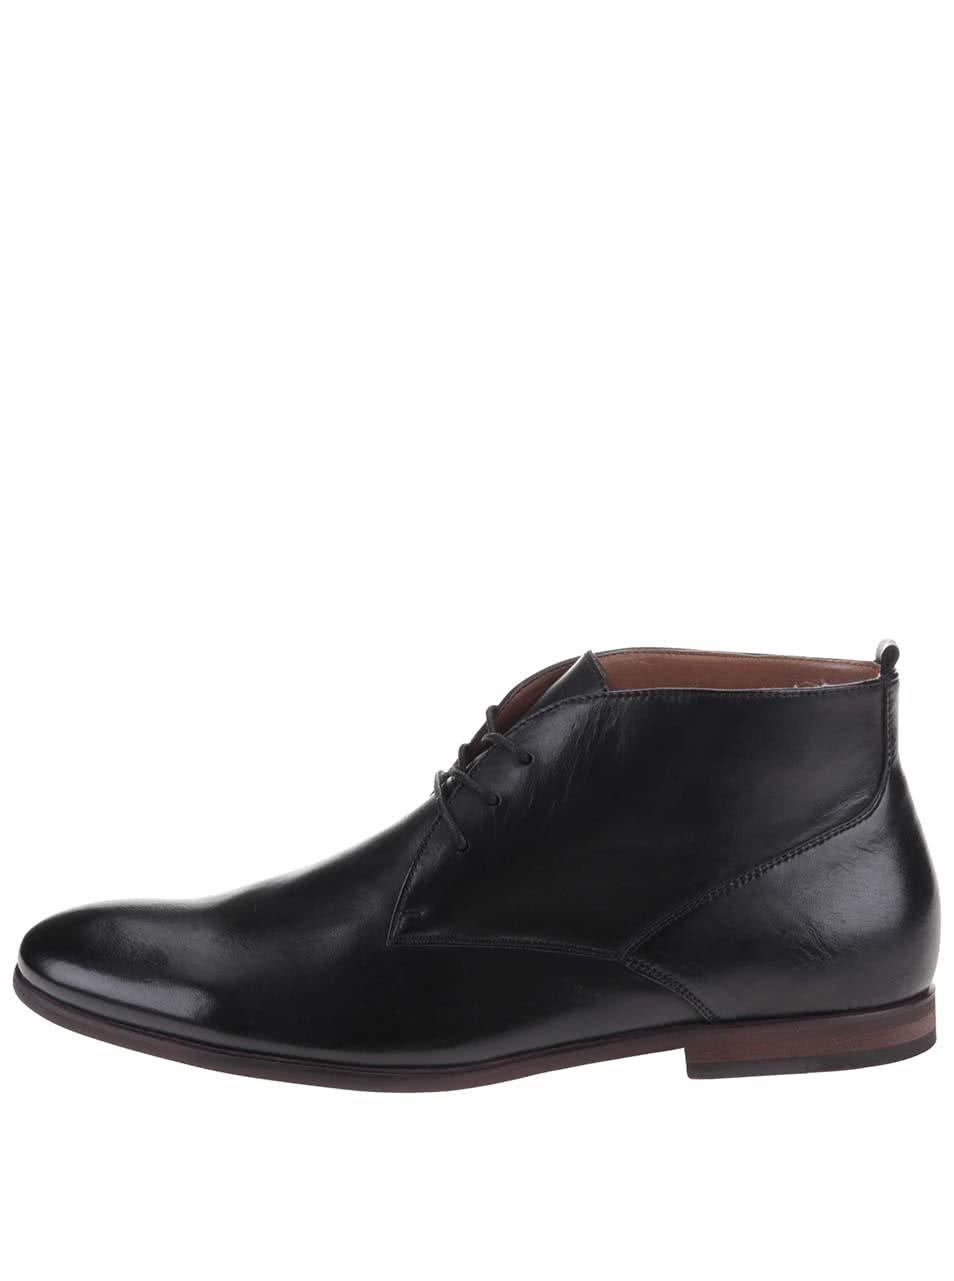 c7d79e182 Čierne pánske kožené členkové topánky ALDO Mireama | ZOOT.sk